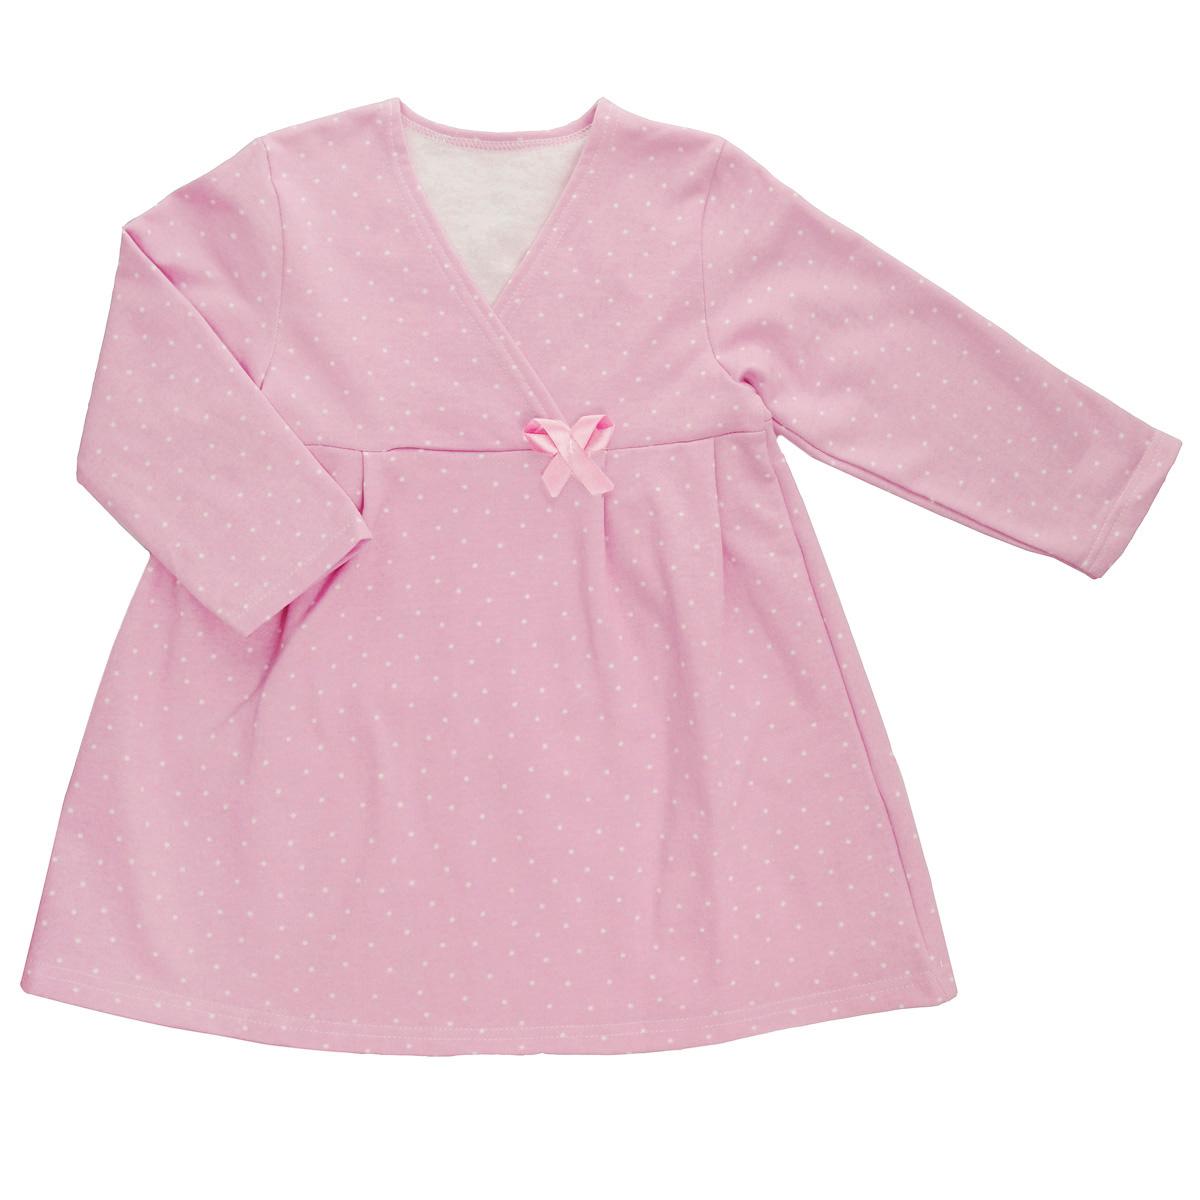 Сорочка ночная для девочки Трон-плюс, цвет: розовый, белый, рисунок горох. 5522. Размер 98/104, 3-5 лет5522Яркая сорочка Трон-плюс идеально подойдет вашей малышке и станет отличным дополнением к детскому гардеробу. Теплая сорочка, изготовленная из футера - натурального хлопка, необычайно мягкая и легкая, не сковывает движения ребенка, позволяет коже дышать и не раздражает даже самую нежную и чувствительную кожу малыша. Сорочка трапециевидного кроя с длинными рукавами, V-образным вырезом горловины. Полочка состоит из двух частей, заходящих друг на друга. По переднему и заднему полотнищам юбки заложены небольшие складки. Сорочка оформлена атласным бантиком.В такой сорочке ваш ребенок будет чувствовать себя комфортно и уютно во время сна.